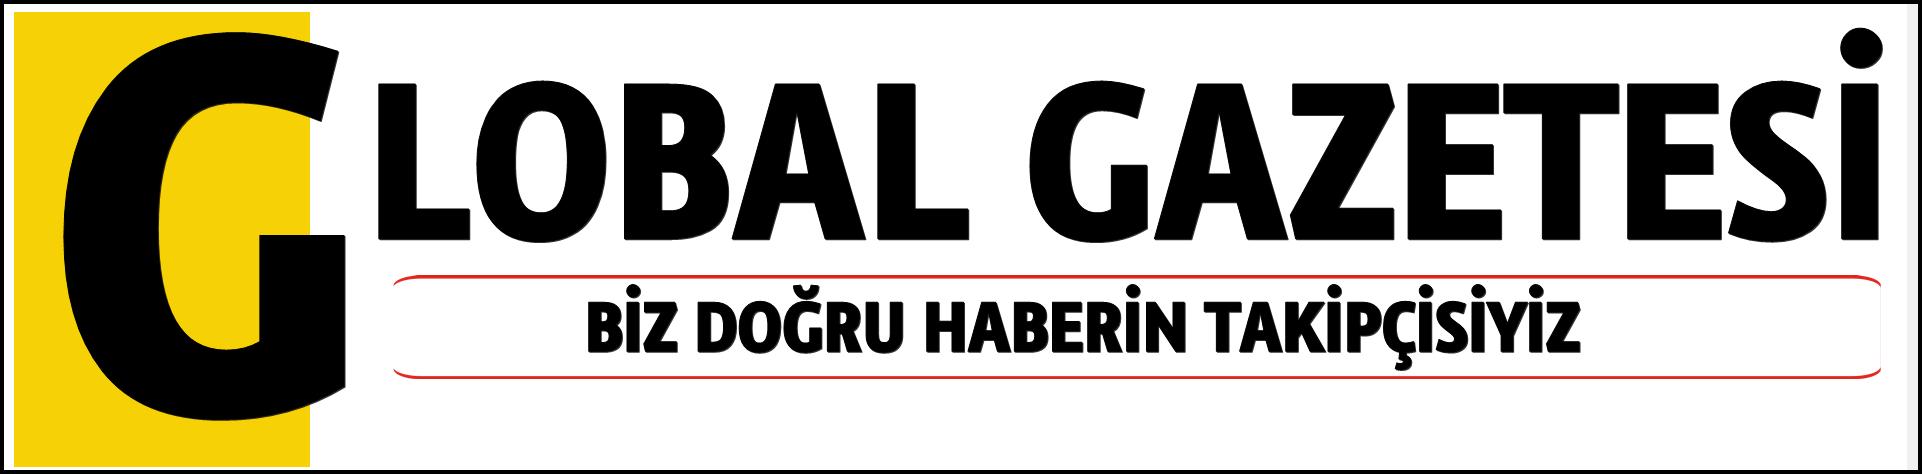 Global Gazetesi